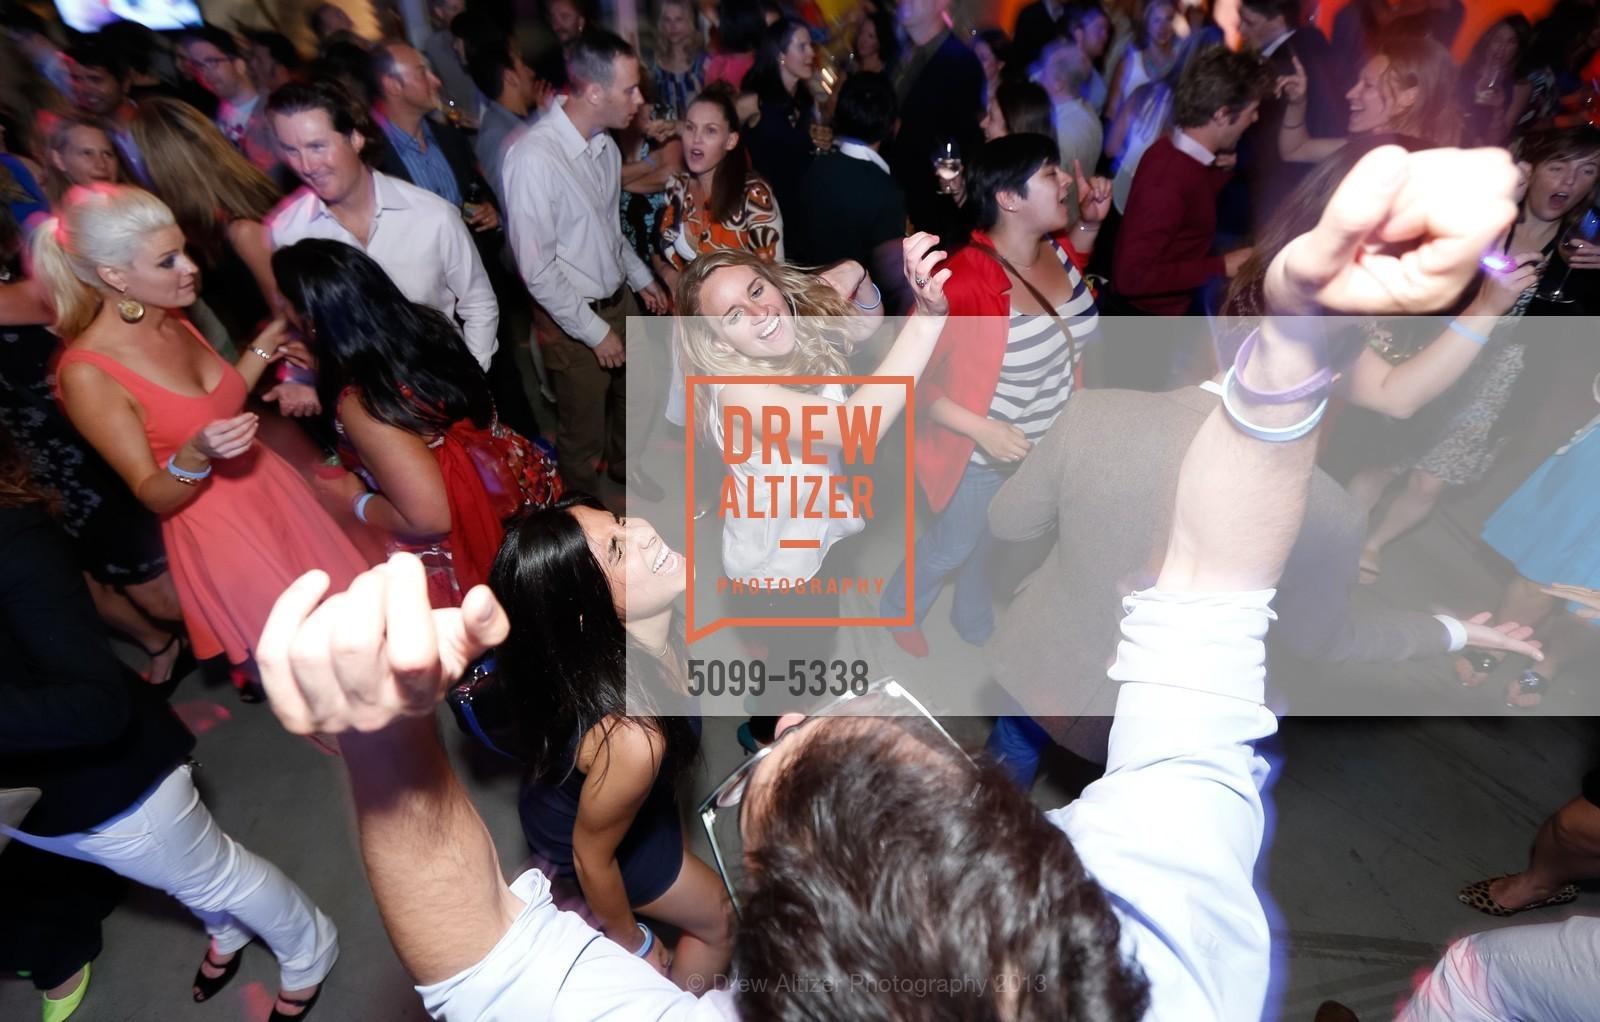 Dance Floor, Photo #5099-5338